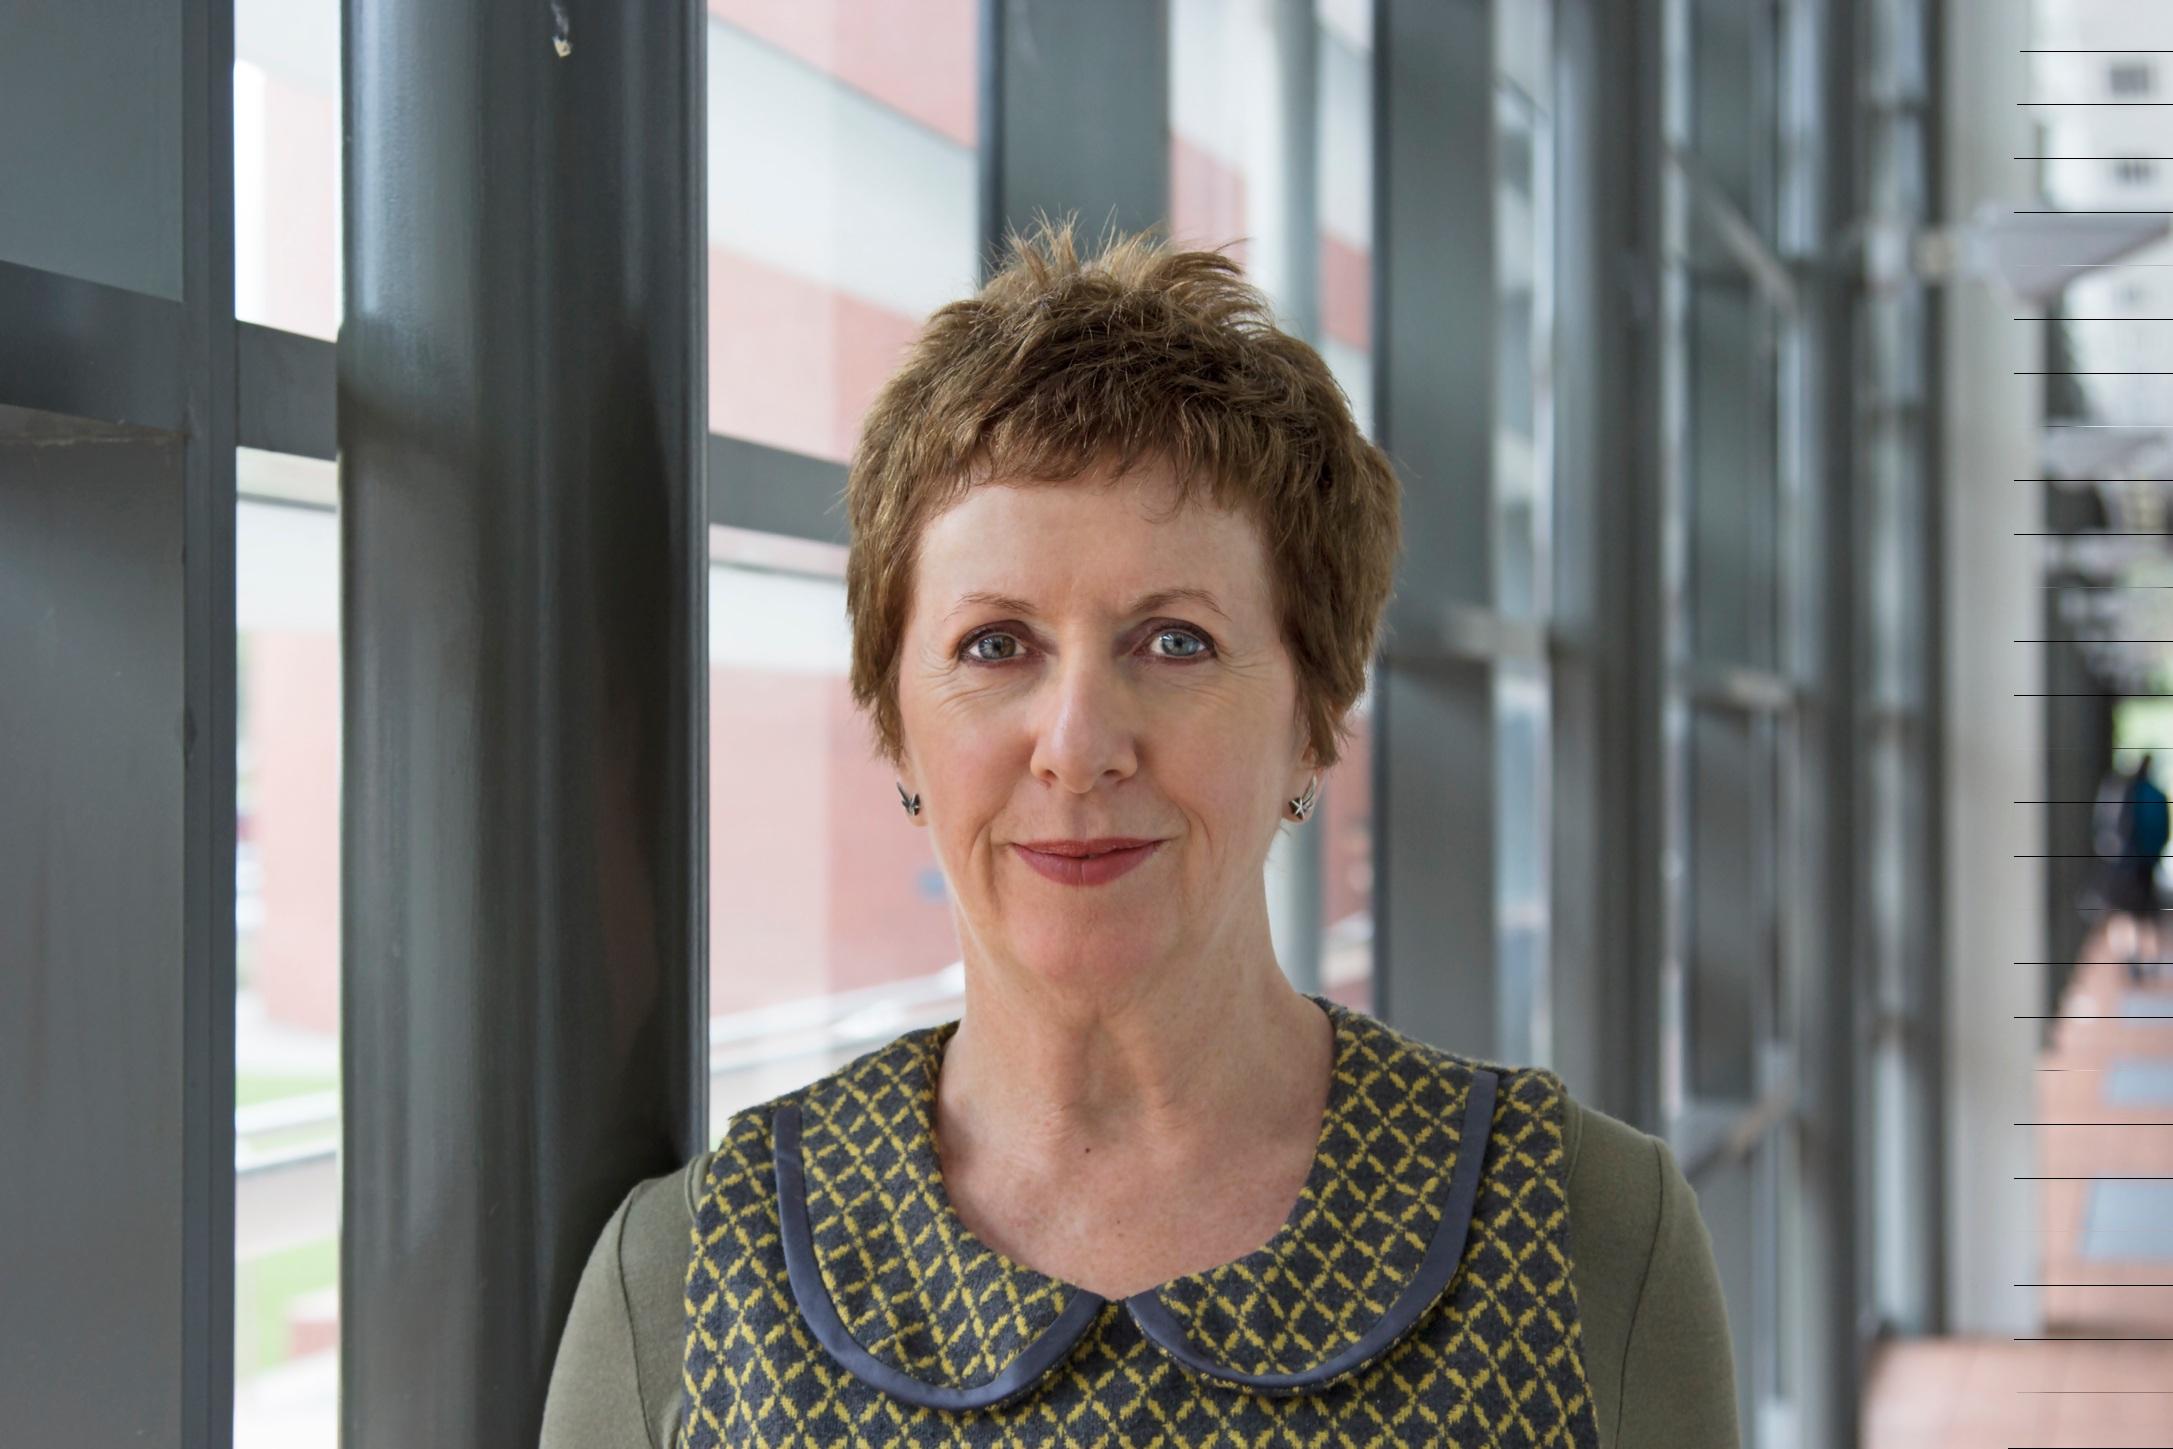 Julia Moody - The Voice Advisory's Lead Perth Consultant